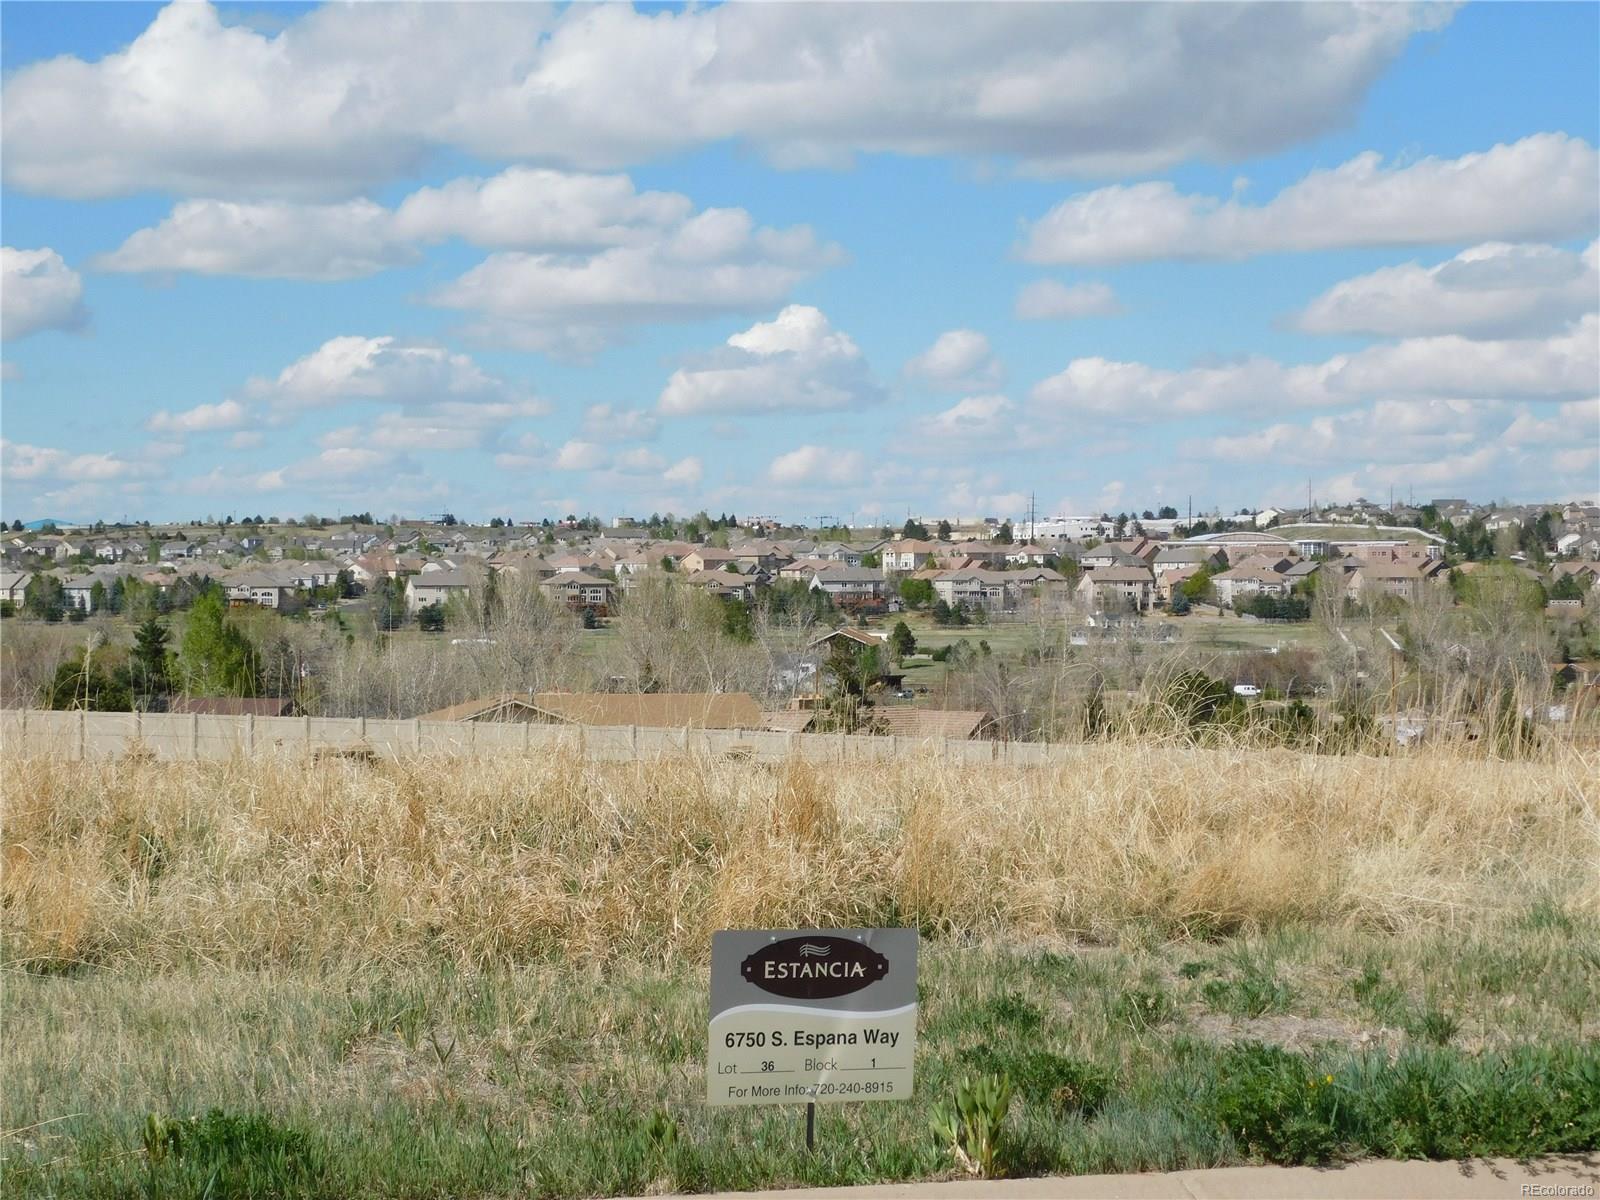 6750 S Espana Way, Centennial, CO 80016 - Centennial, CO real estate listing